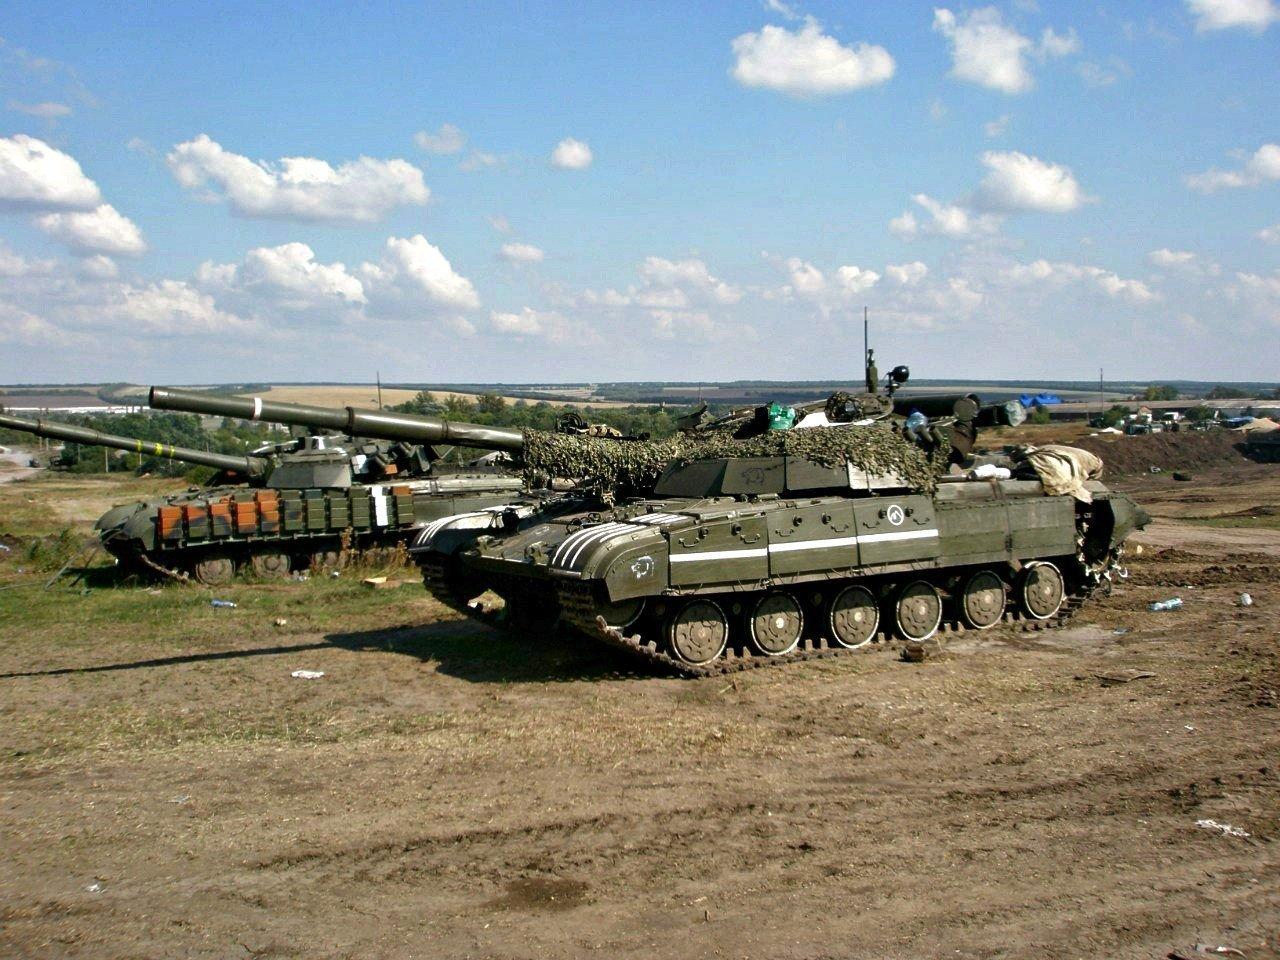 """Ukraińskie czołgi T-64BM Bułat w strefie przyfrontowej, 2014 rok. Wóz na pierwszym planie wyposażony w pancerz reaktywny """"Nóż"""" w malowaniu defiladowym. Na boku kadłuba drugiego czołgu widoczne komórki reaktywne pancerza reaktywnego Kontakt-1, zamontowane w miejsce uszkodzonych fartuchów. Na pancerzu namalowane białe pasy do szybkiej identyfikacji przynależności czołgu. (Źródło: http://wio.ru/anti/t-64bm.htm)"""